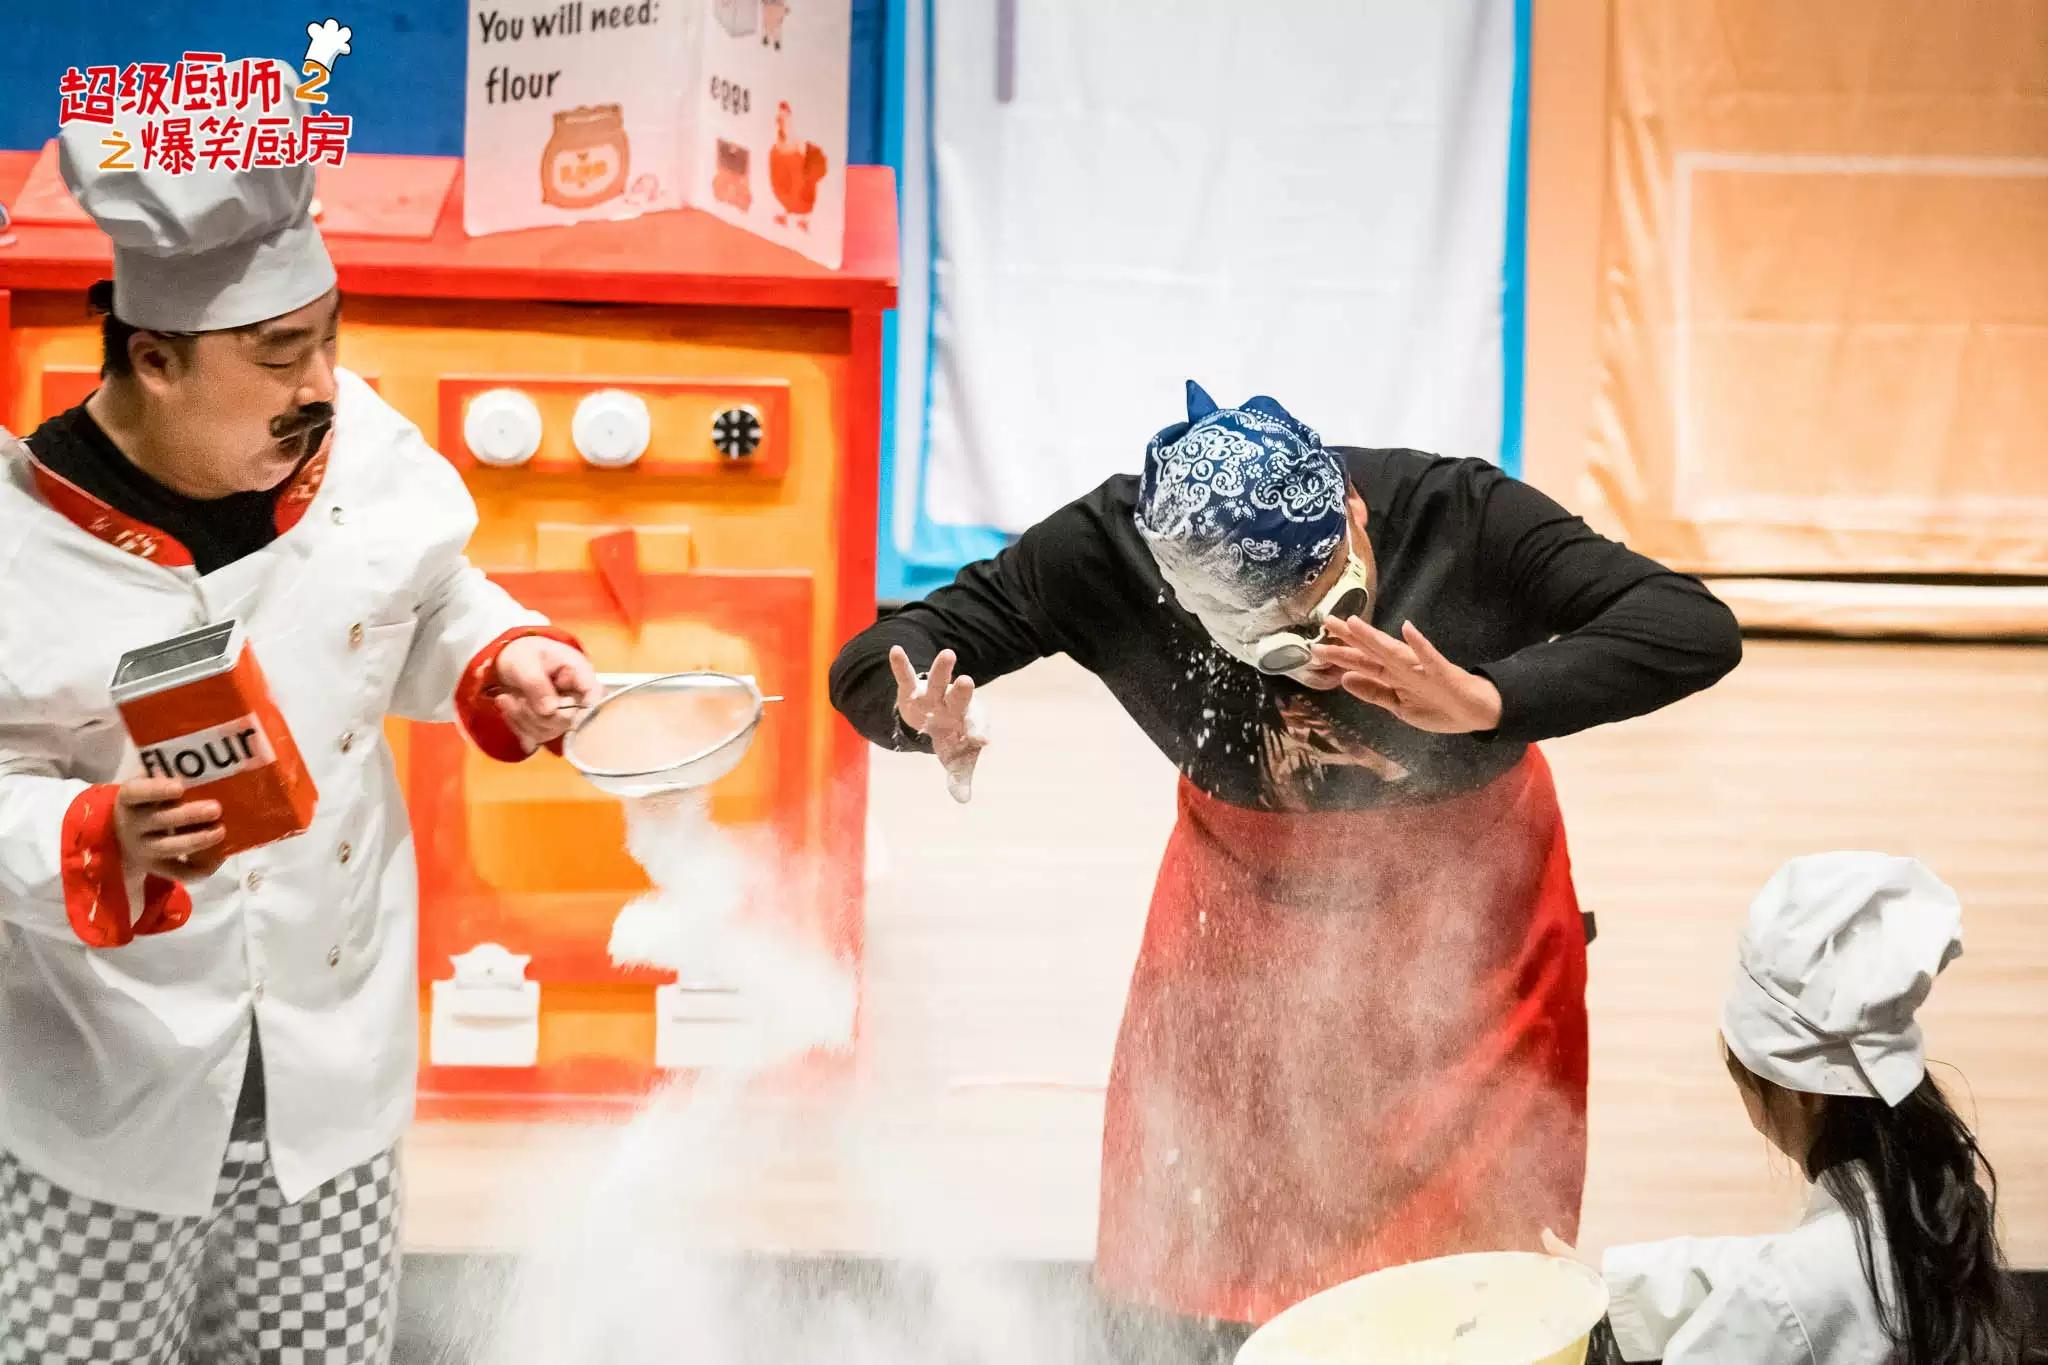 2021中英合作·爆笑儿童剧《超级厨师2:爆笑厨房》-南通站